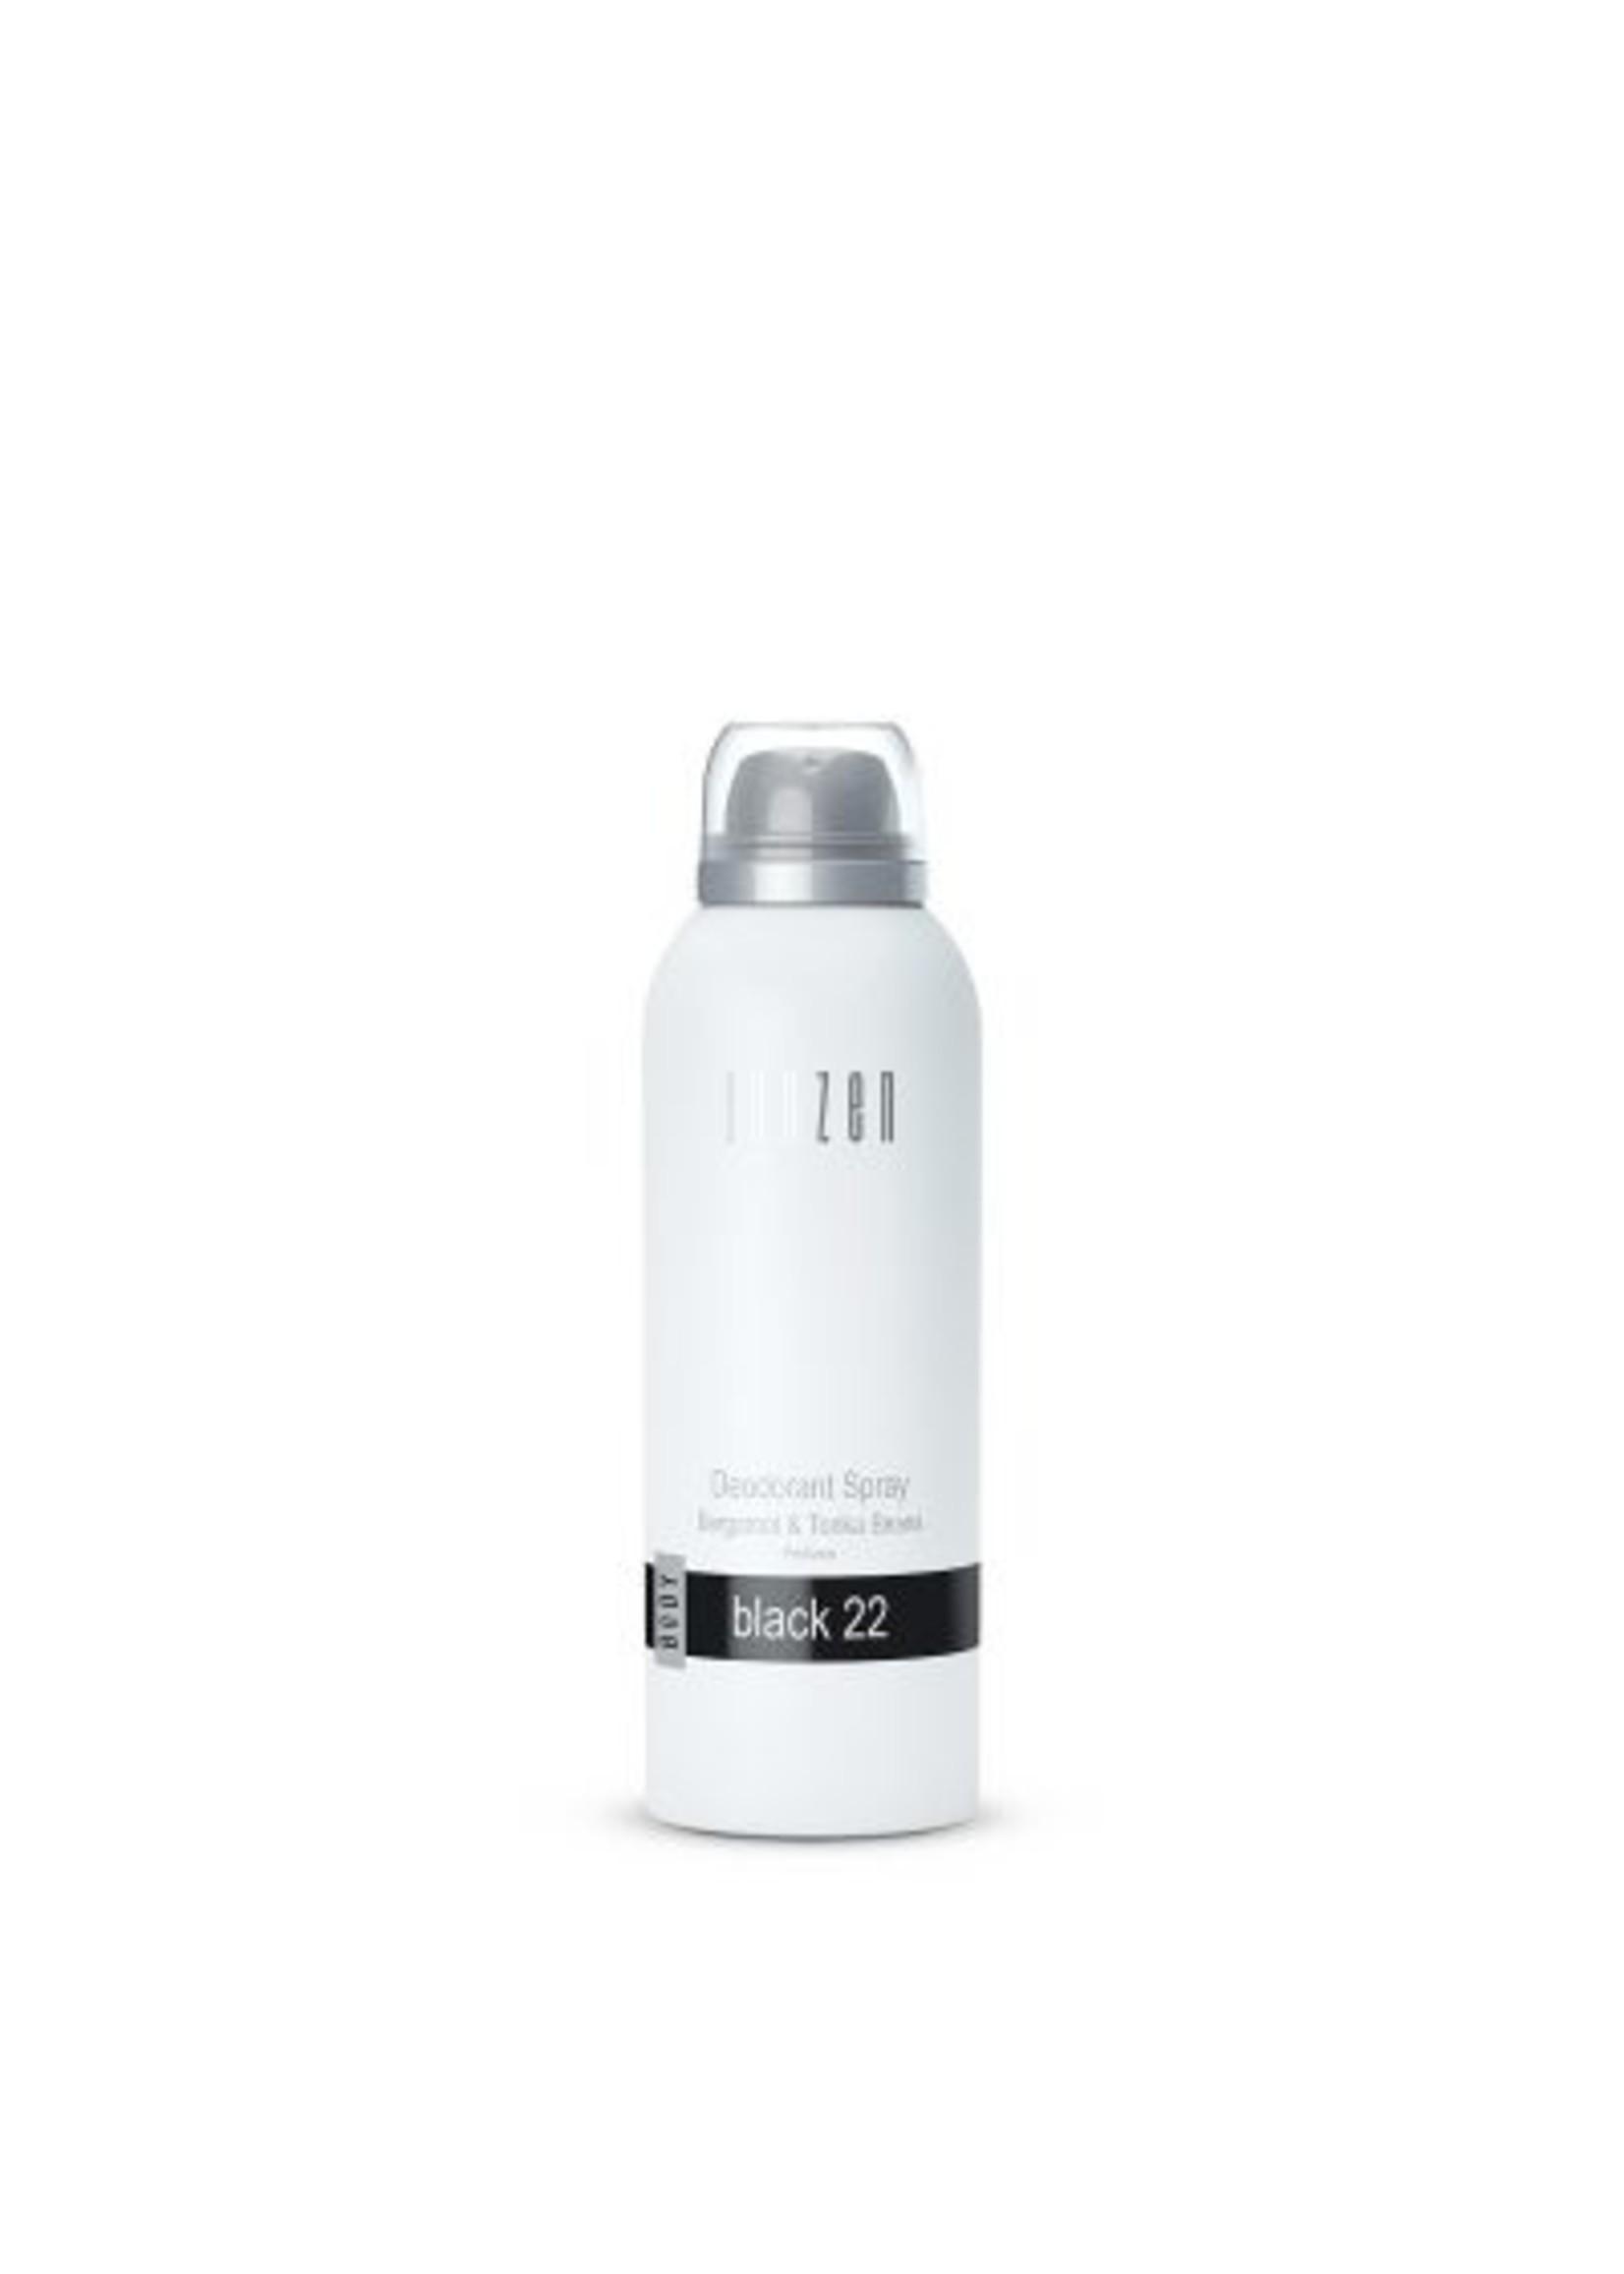 Janzen JANZEN Deodorant Spray Black 22